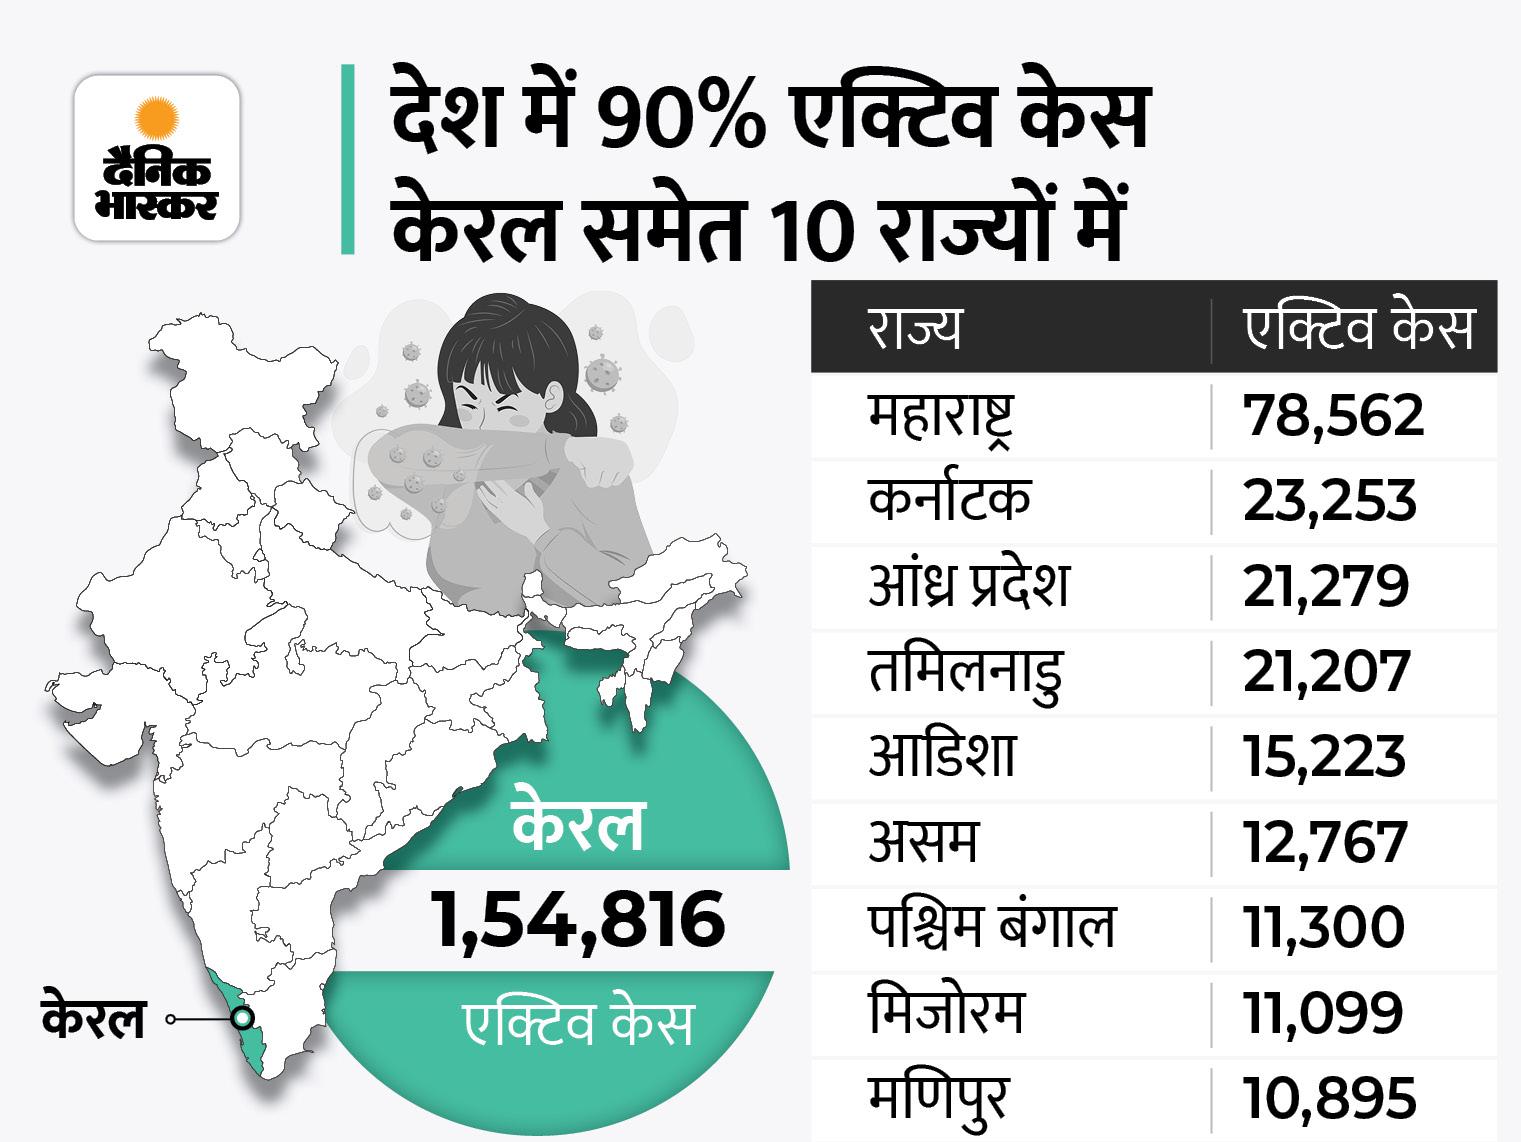 केरल में लगातार तीसरे दिन 22,056 केस आए, कर्नाटक में 19 दिन बाद नए संक्रमितों का आंकड़ा 2 हजार के पार; तमिलनाडु में भी मामले बढ़े|देश,National - Dainik Bhaskar